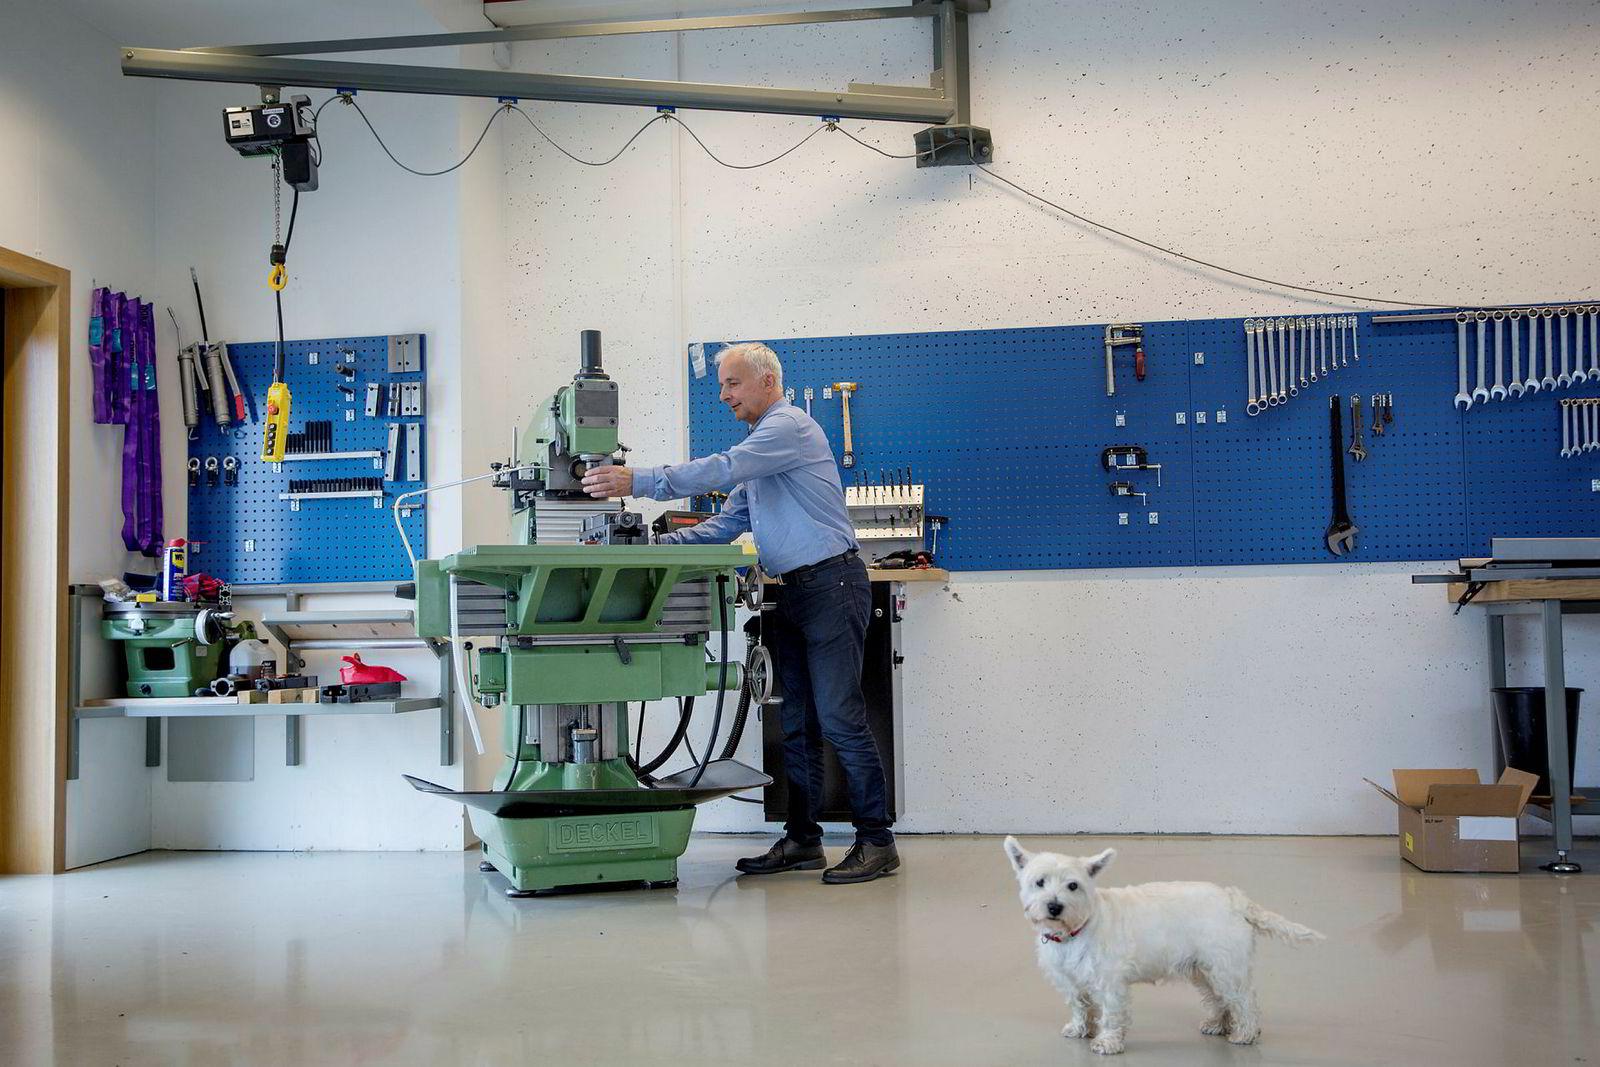 Det er god plass i verkstedet som Ola Tronrud har bygget i det nye huset sitt hjemme på Hønefoss. Her pusler han fremdeles med sin CNC-maskin i ledige stunder.